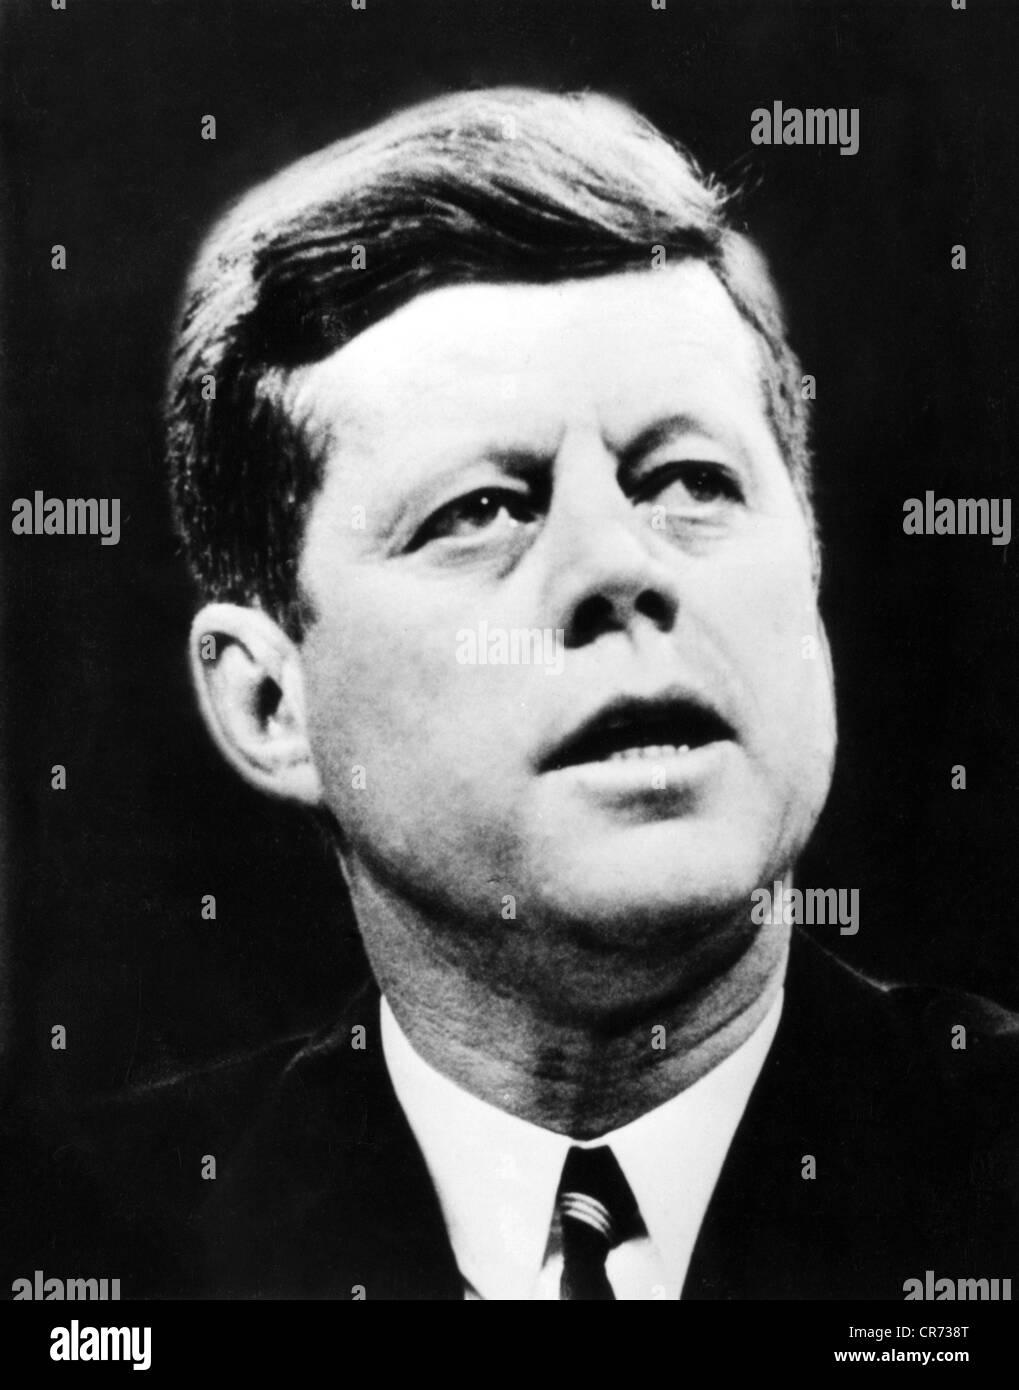 Kennedy, John Fitzgerald, 29.5.1917 - 22.11.1963, uomo politico americano (Dem.), il Presidente degli Stati Uniti, Immagini Stock